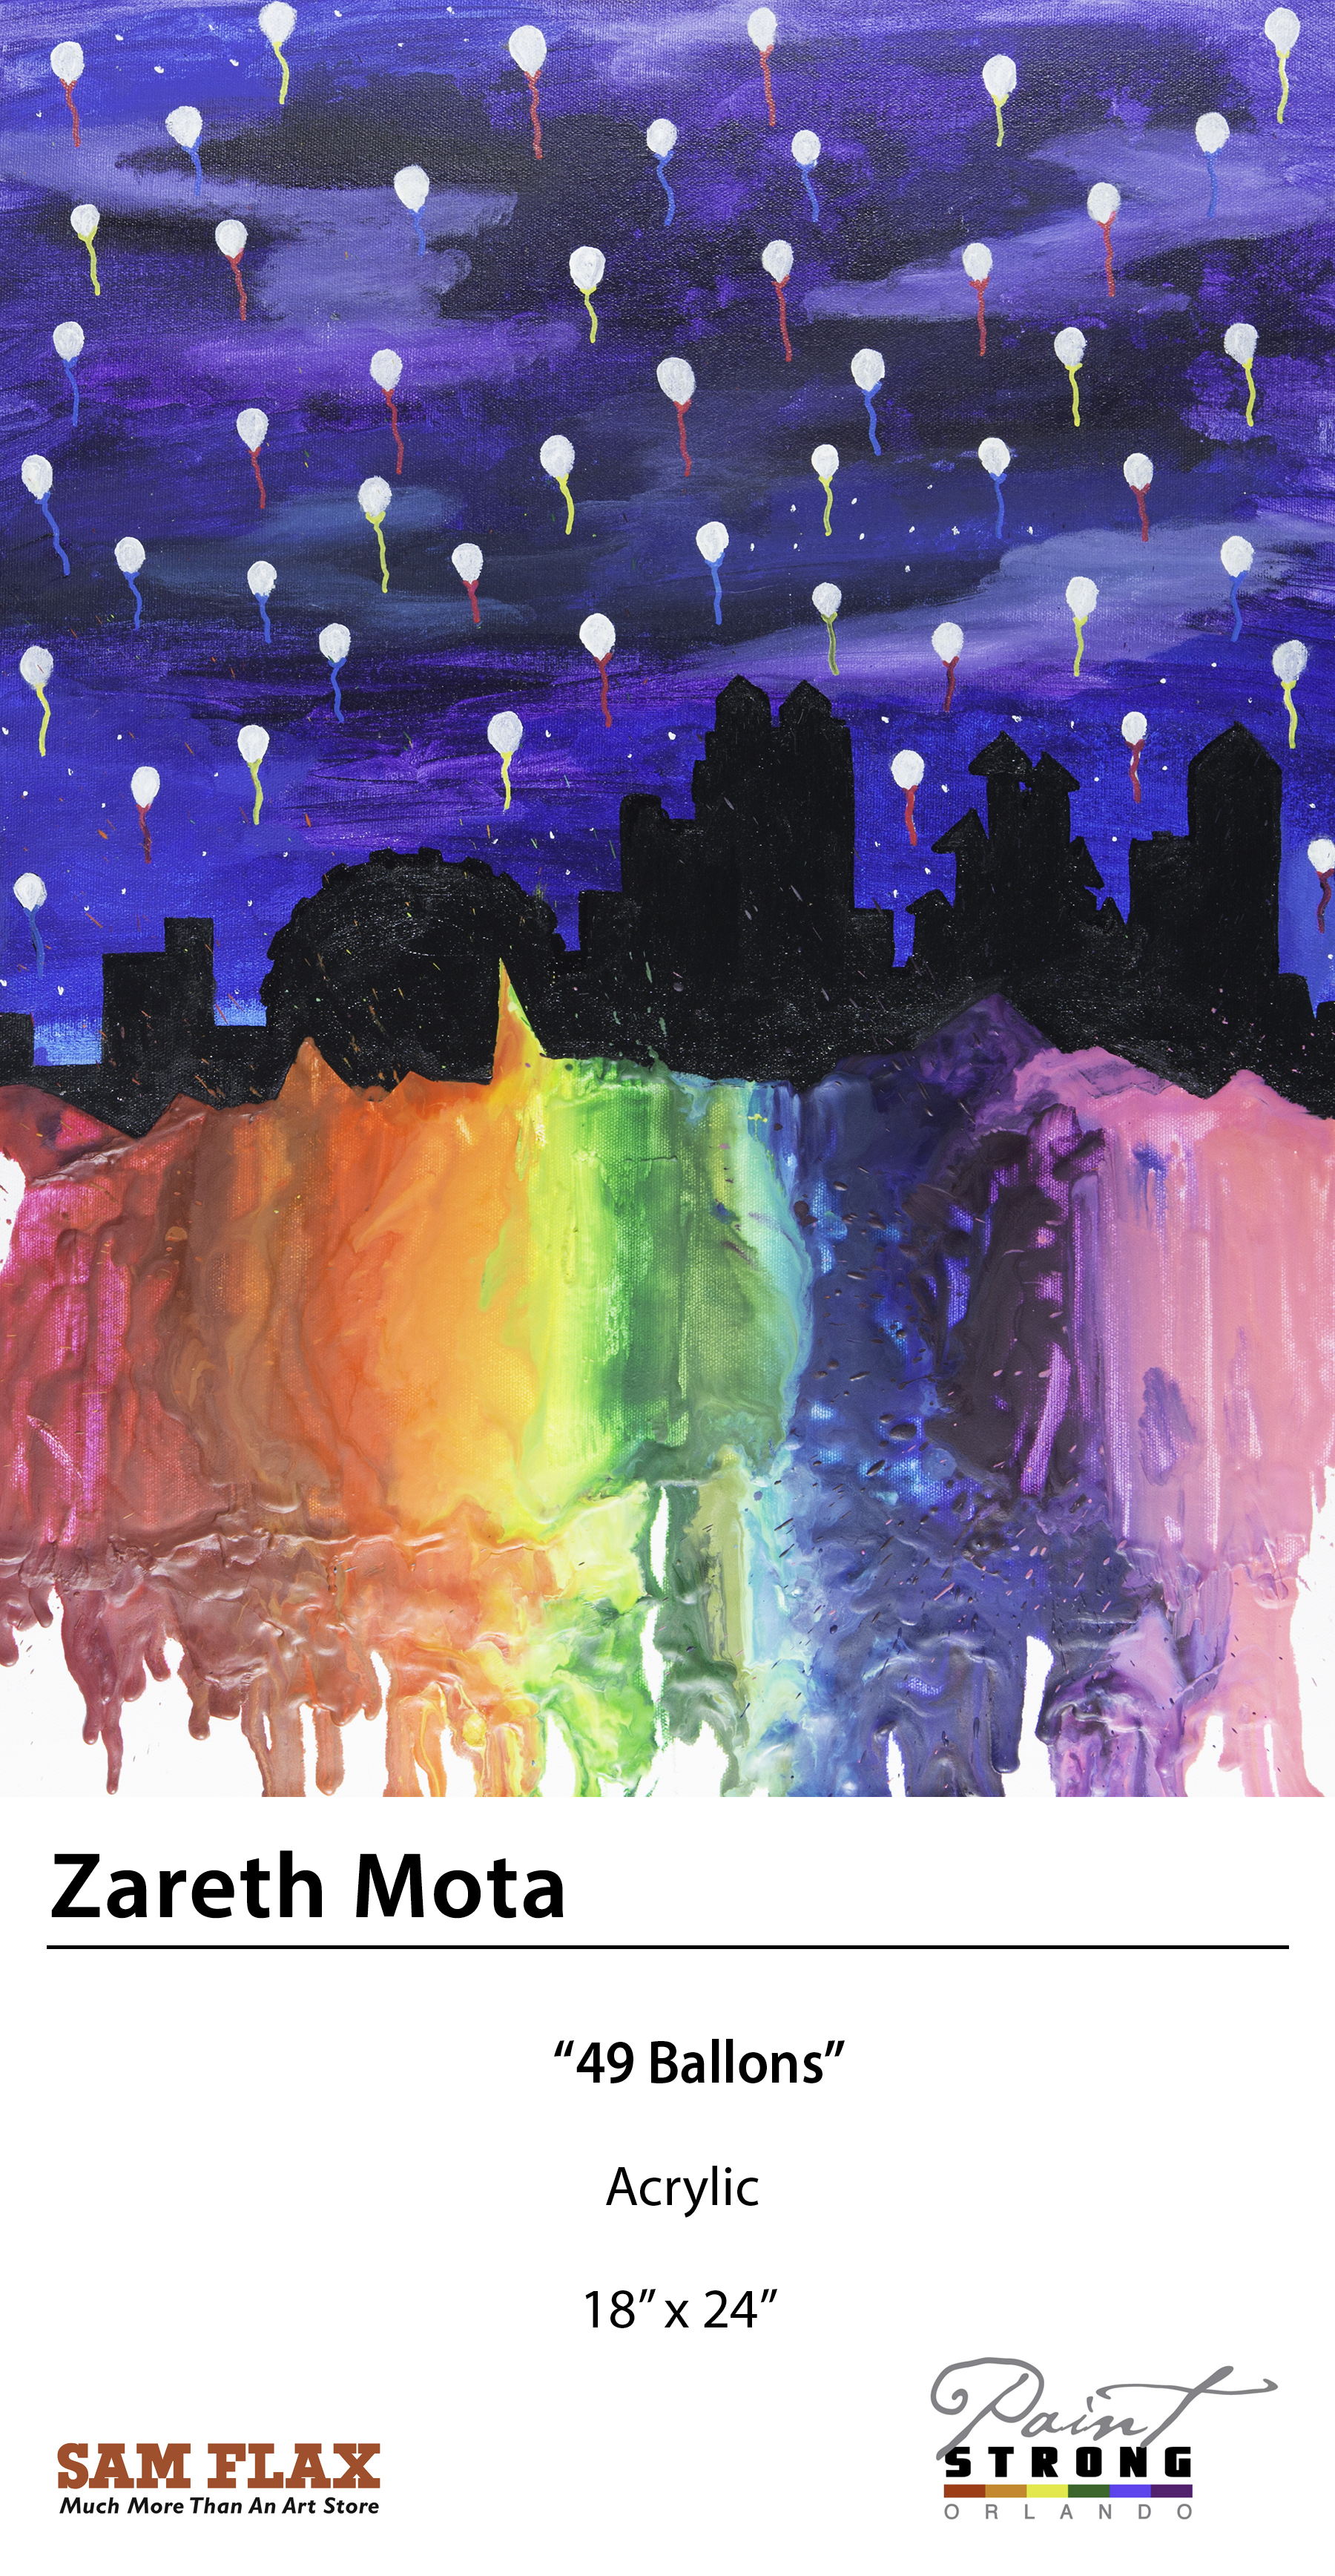 Zareth Mota